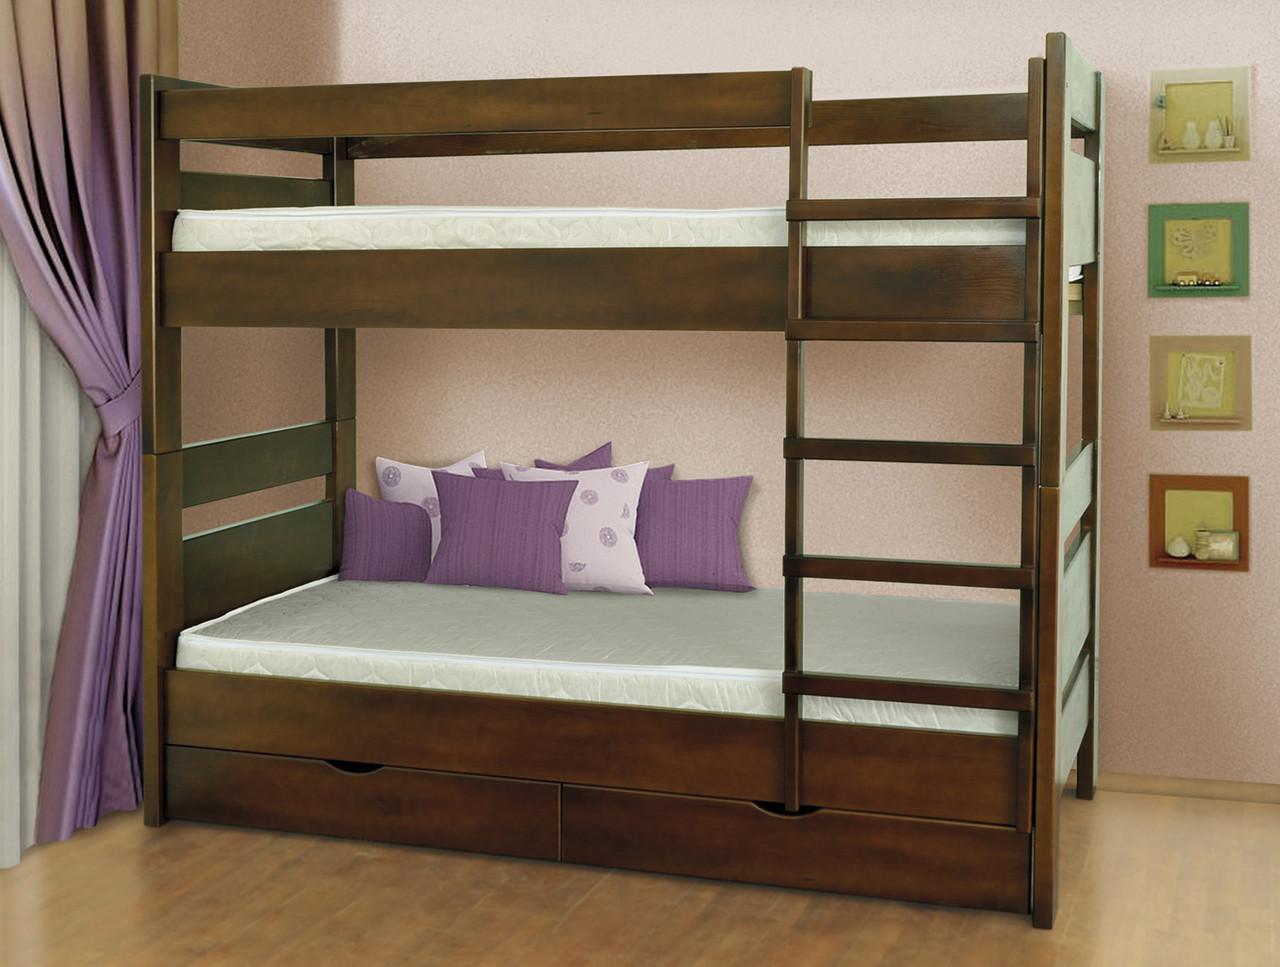 Кровать Селена 2-х ярусная (дерево) Летро